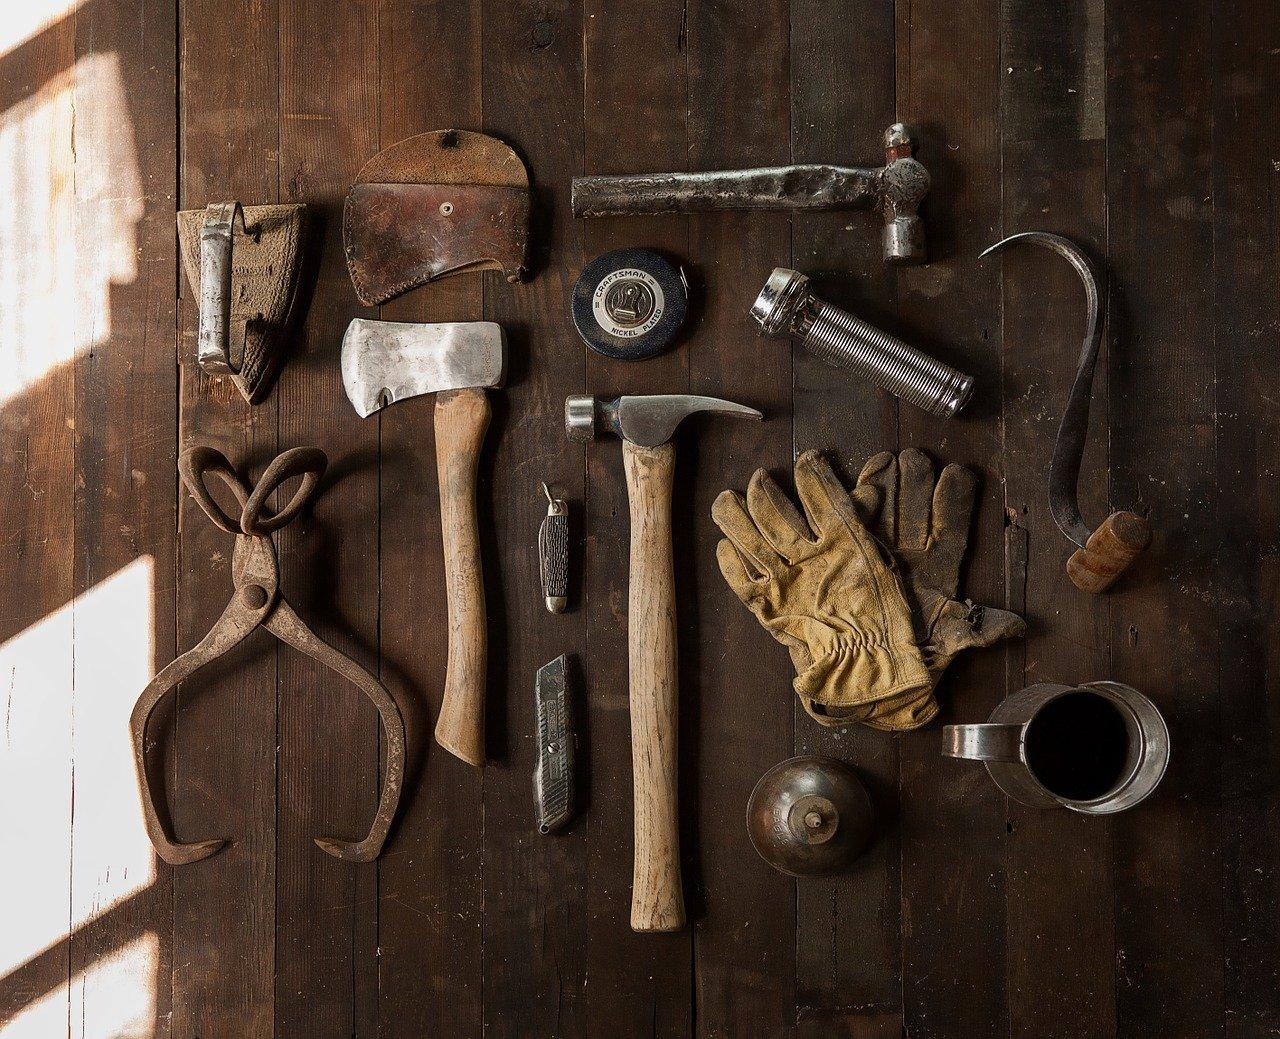 Vanhoja työkaluja pöydällä.